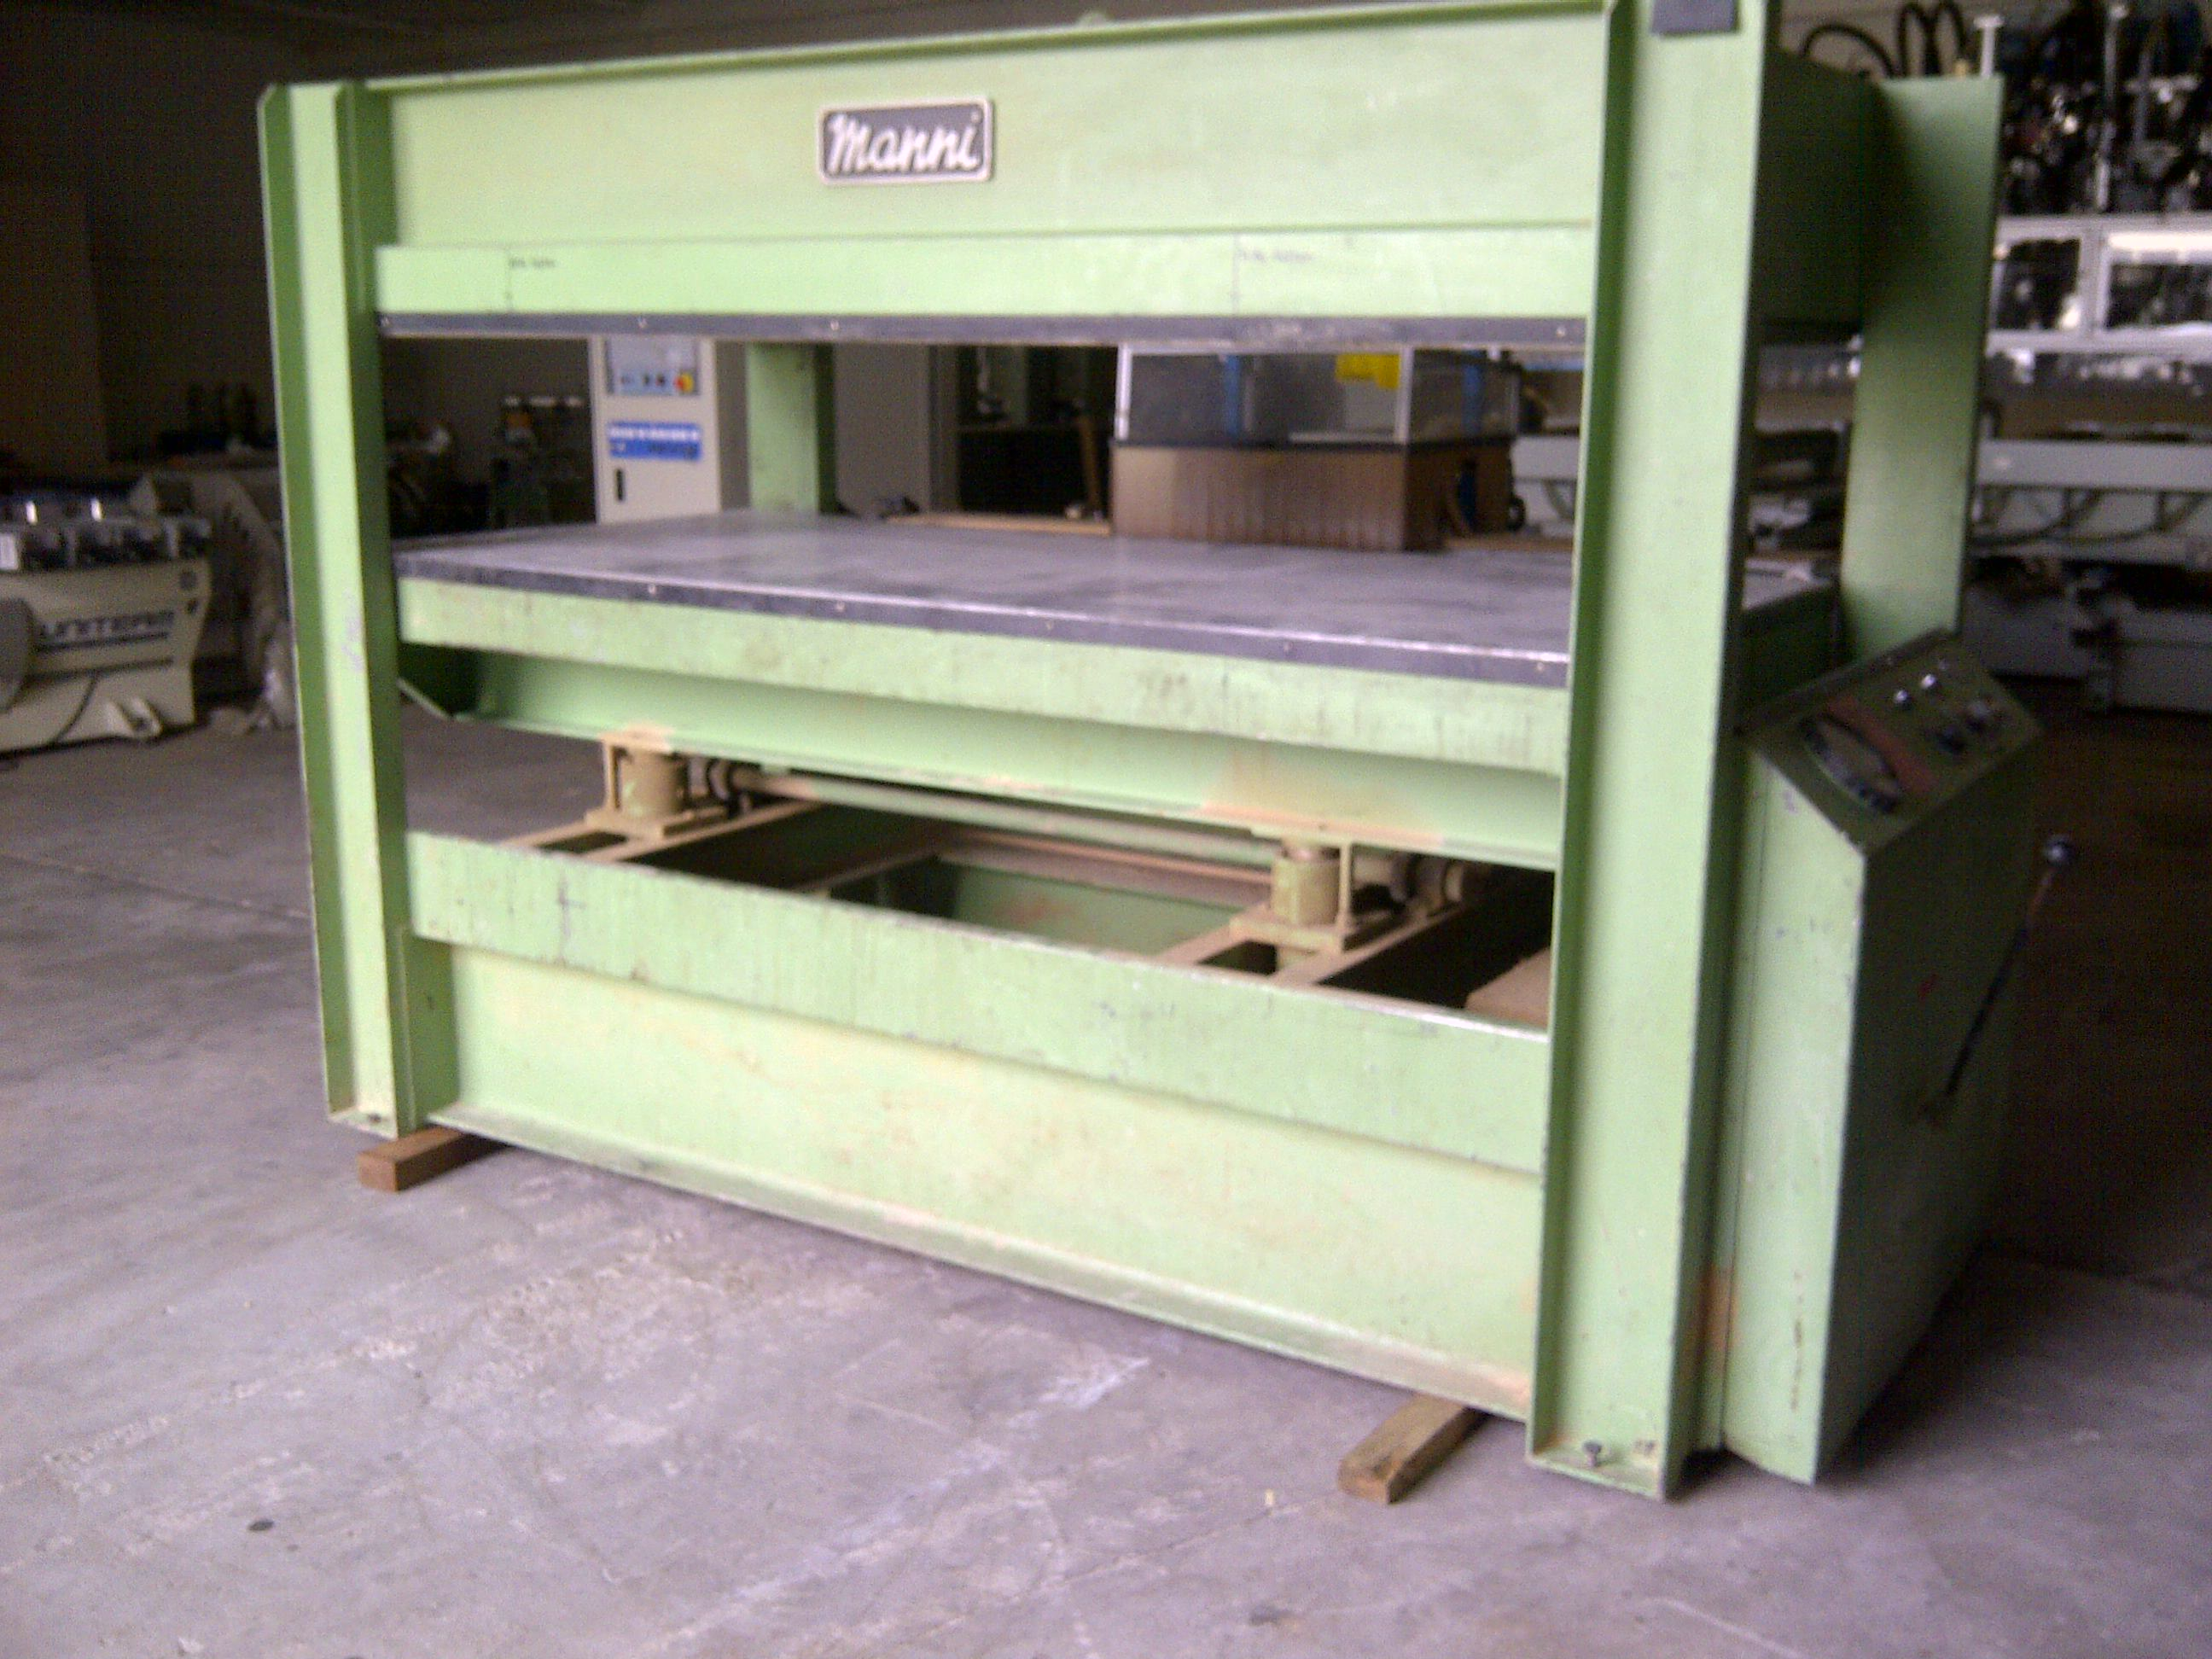 Pressa a caldo manni 2500x1200 mm macchinari usati exapro for Manni presse